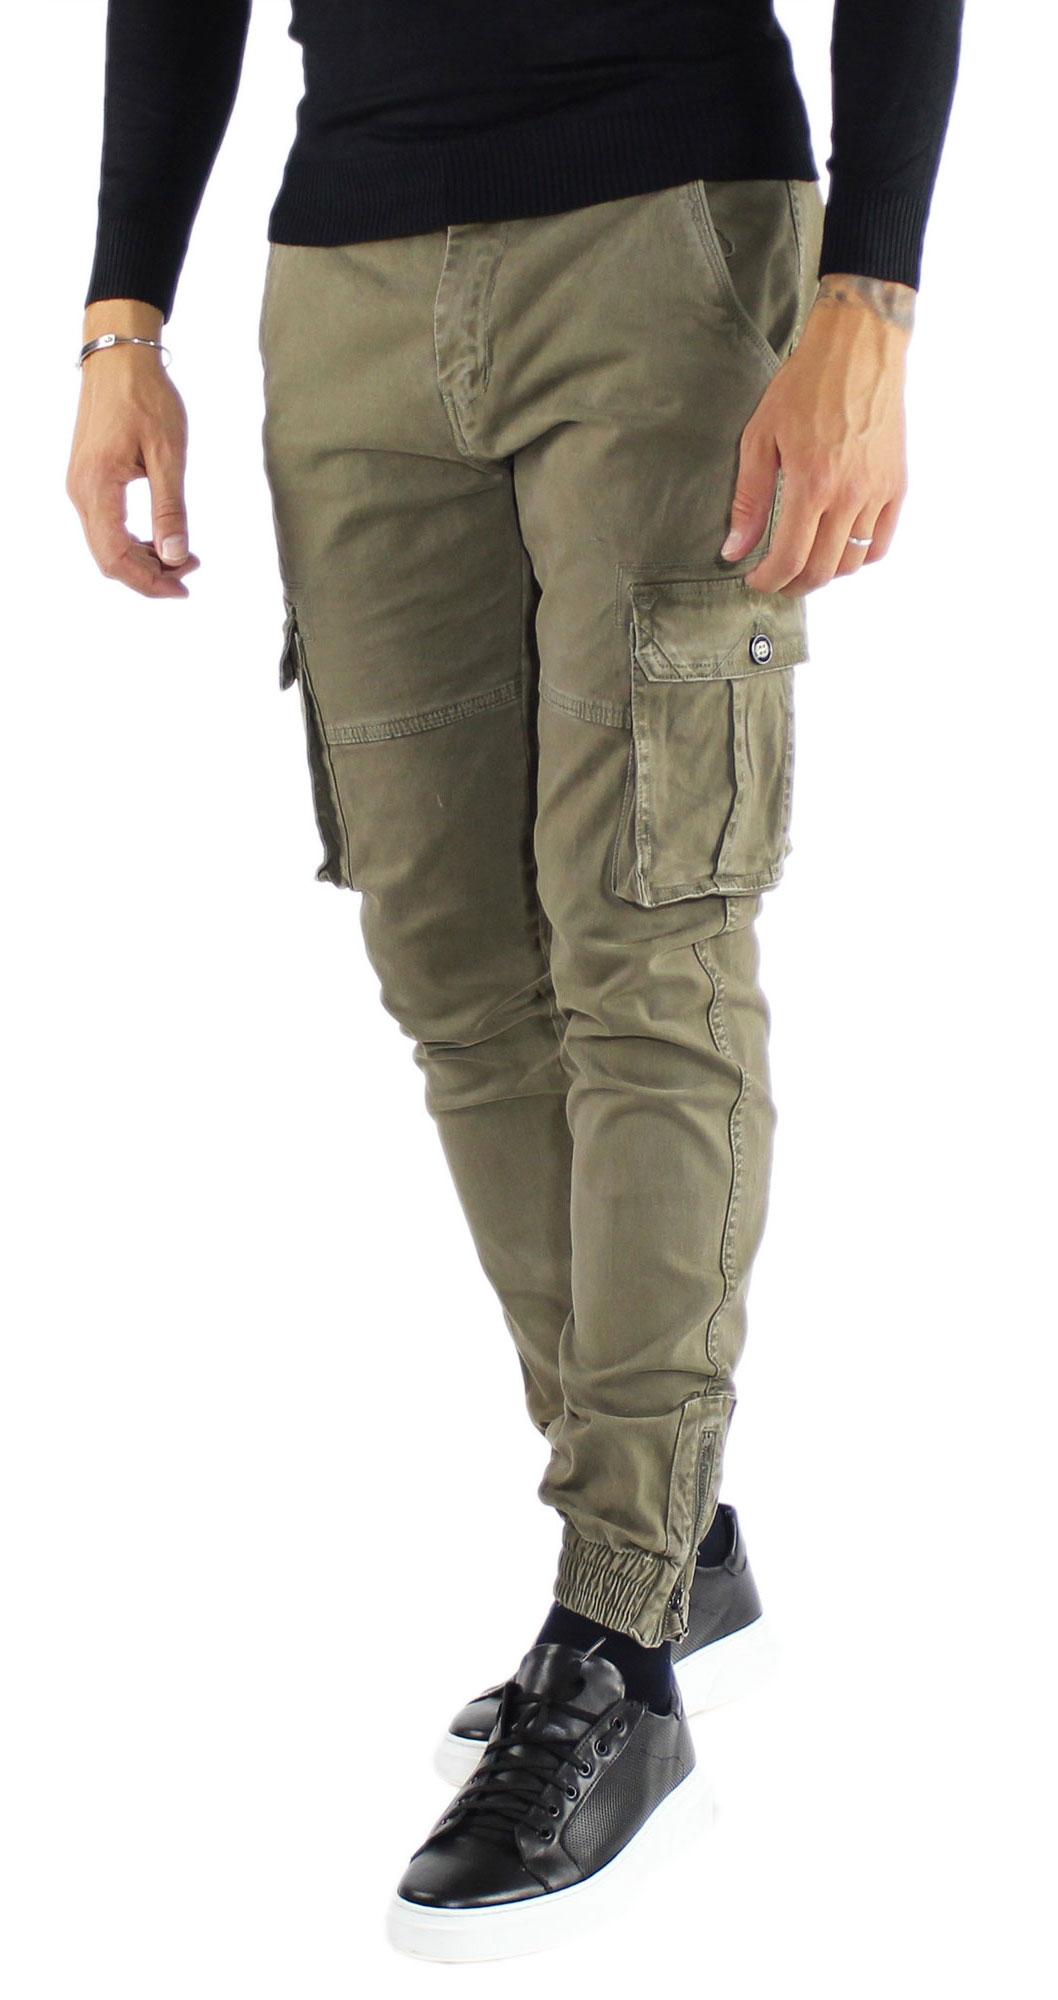 Pantaloni-Cargo-Uomo-Tasche-Laterali-Invernali-Cotone-Slim-Fit-Tasconi-Casual miniatura 19